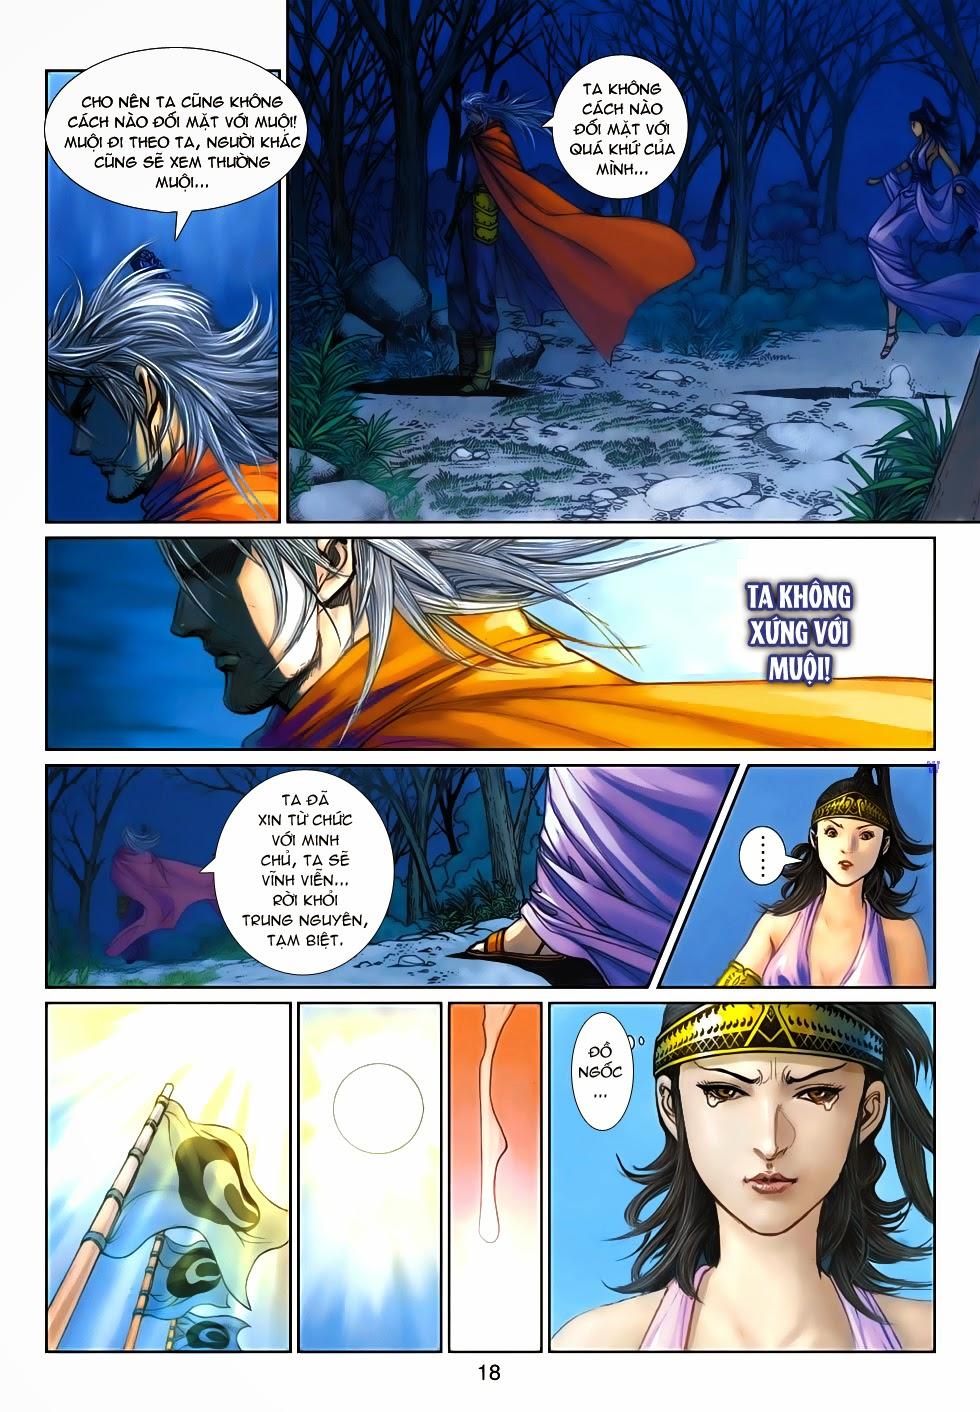 Thần Binh Tiền Truyện 4 - Huyền Thiên Tà Đế chap 9 - Trang 18